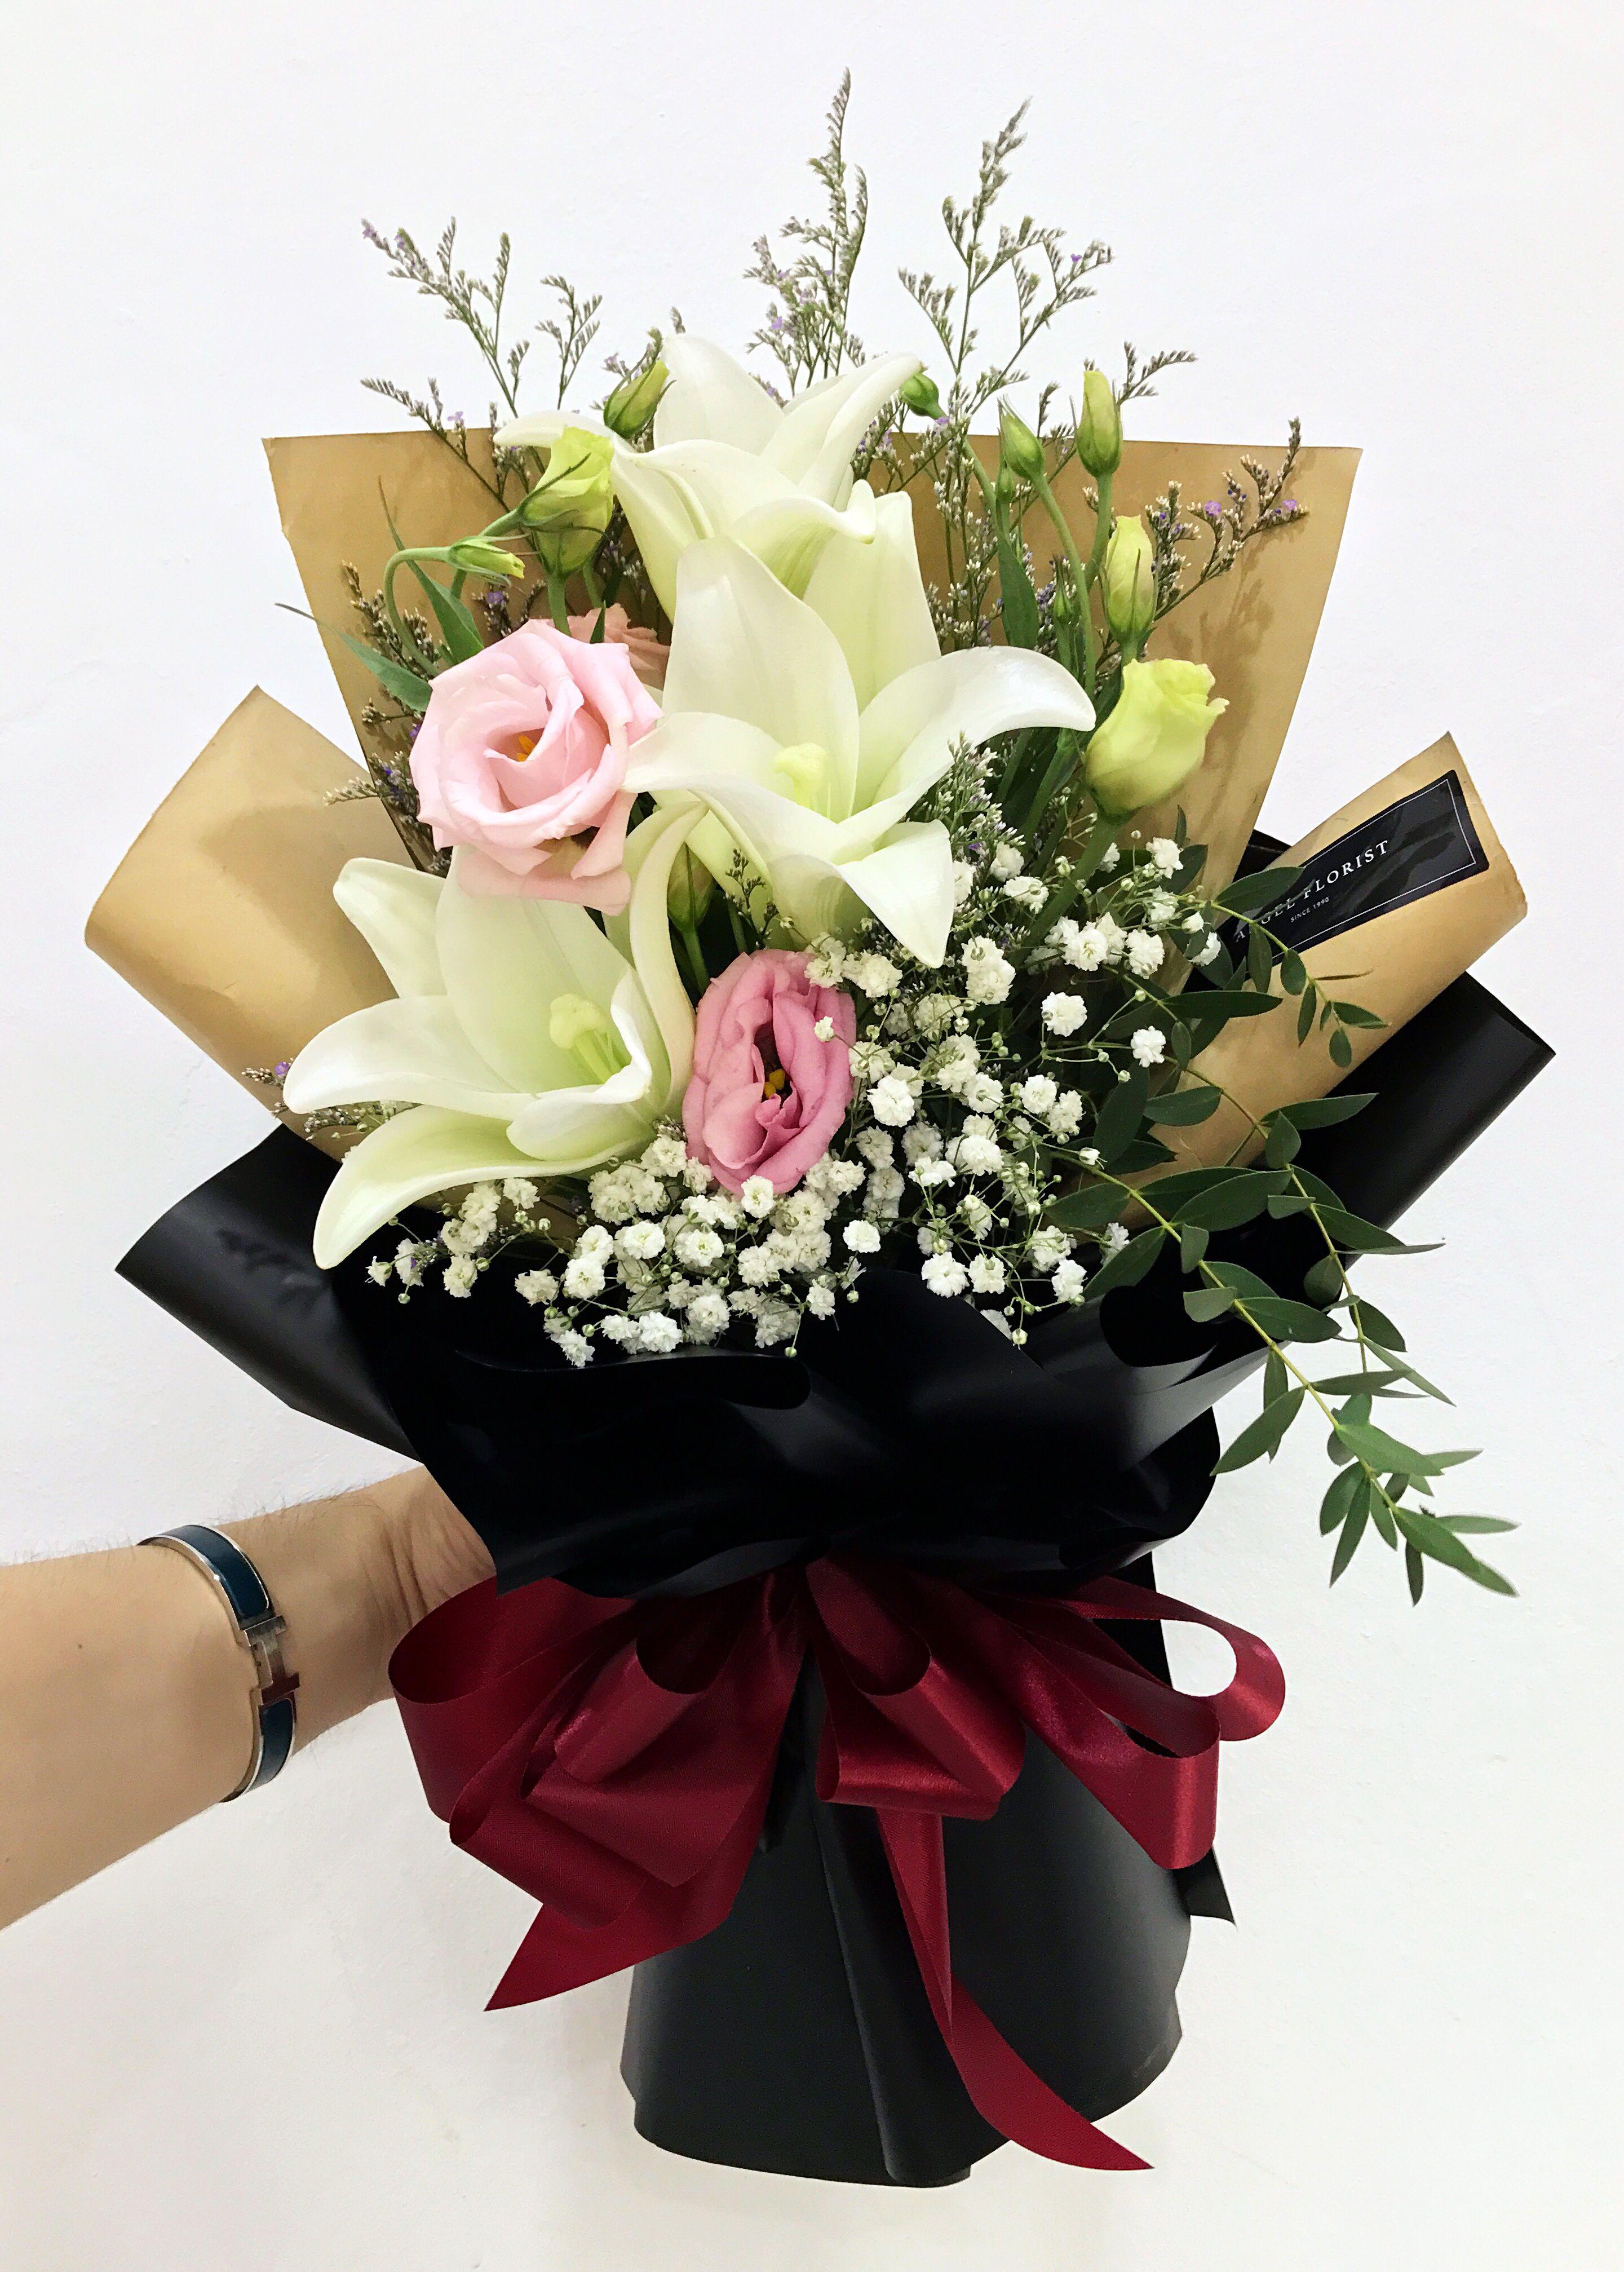 #花形典雅大方 #清香宜人 #永恒的美 #百合 #洋桔梗 #花束 #鲜花 #满天星 #欧式 #韩式 #设计 #预订 #大束 #大体 #Longiflorum #HandBouquet #Babybreath #JohorBahru #Johor #JohorJaya #Florist #小天使花屋 #AngelFloristGiftCentre #新山花店 #花店 #新山 #柔佛 #Wechat #WhatsApp 010-6608200